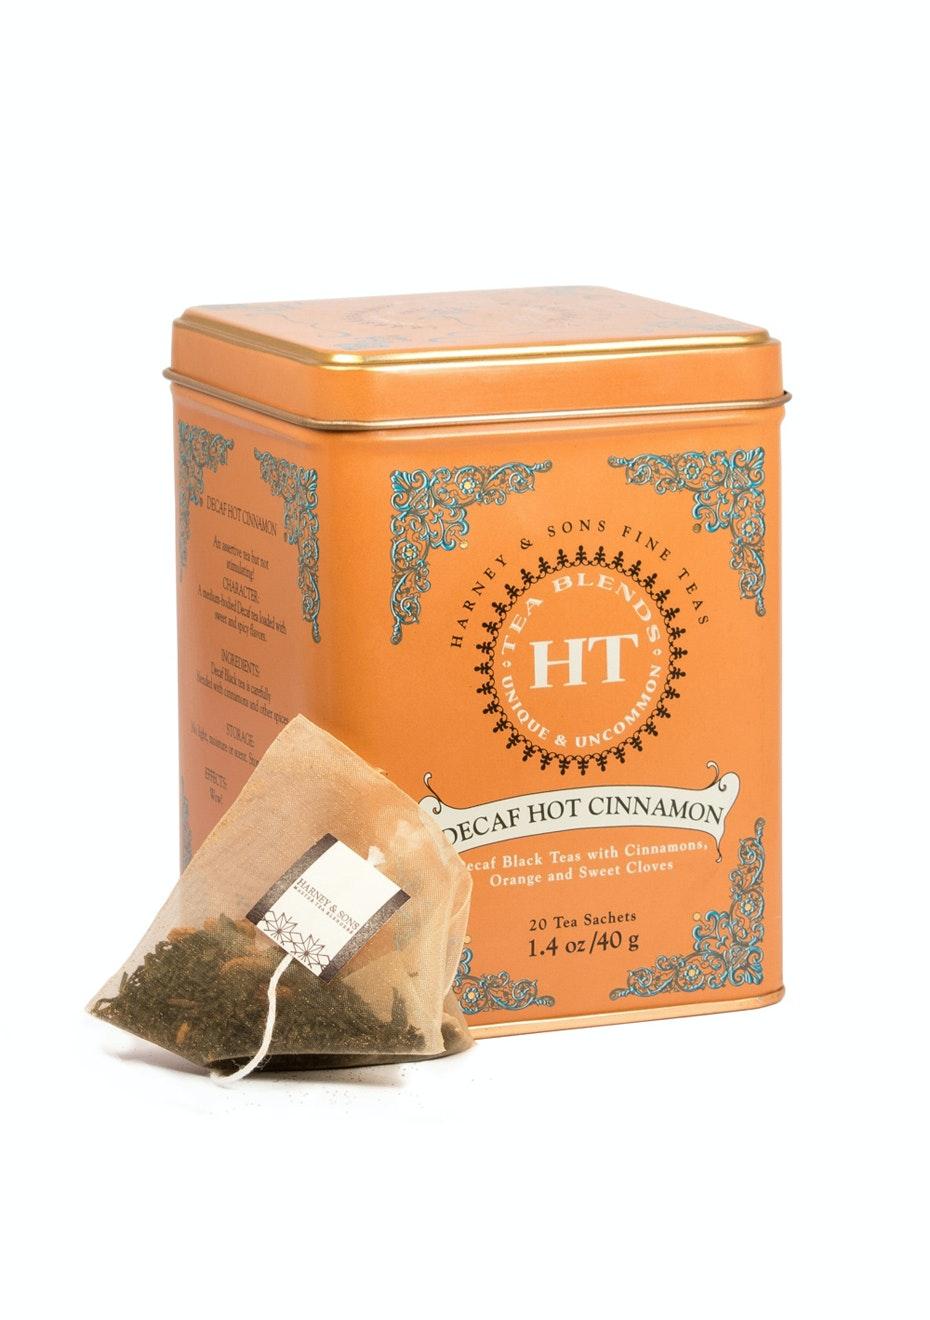 Harney & Sons - Decaf Hot Cinnamon - 20 Sachet Tin